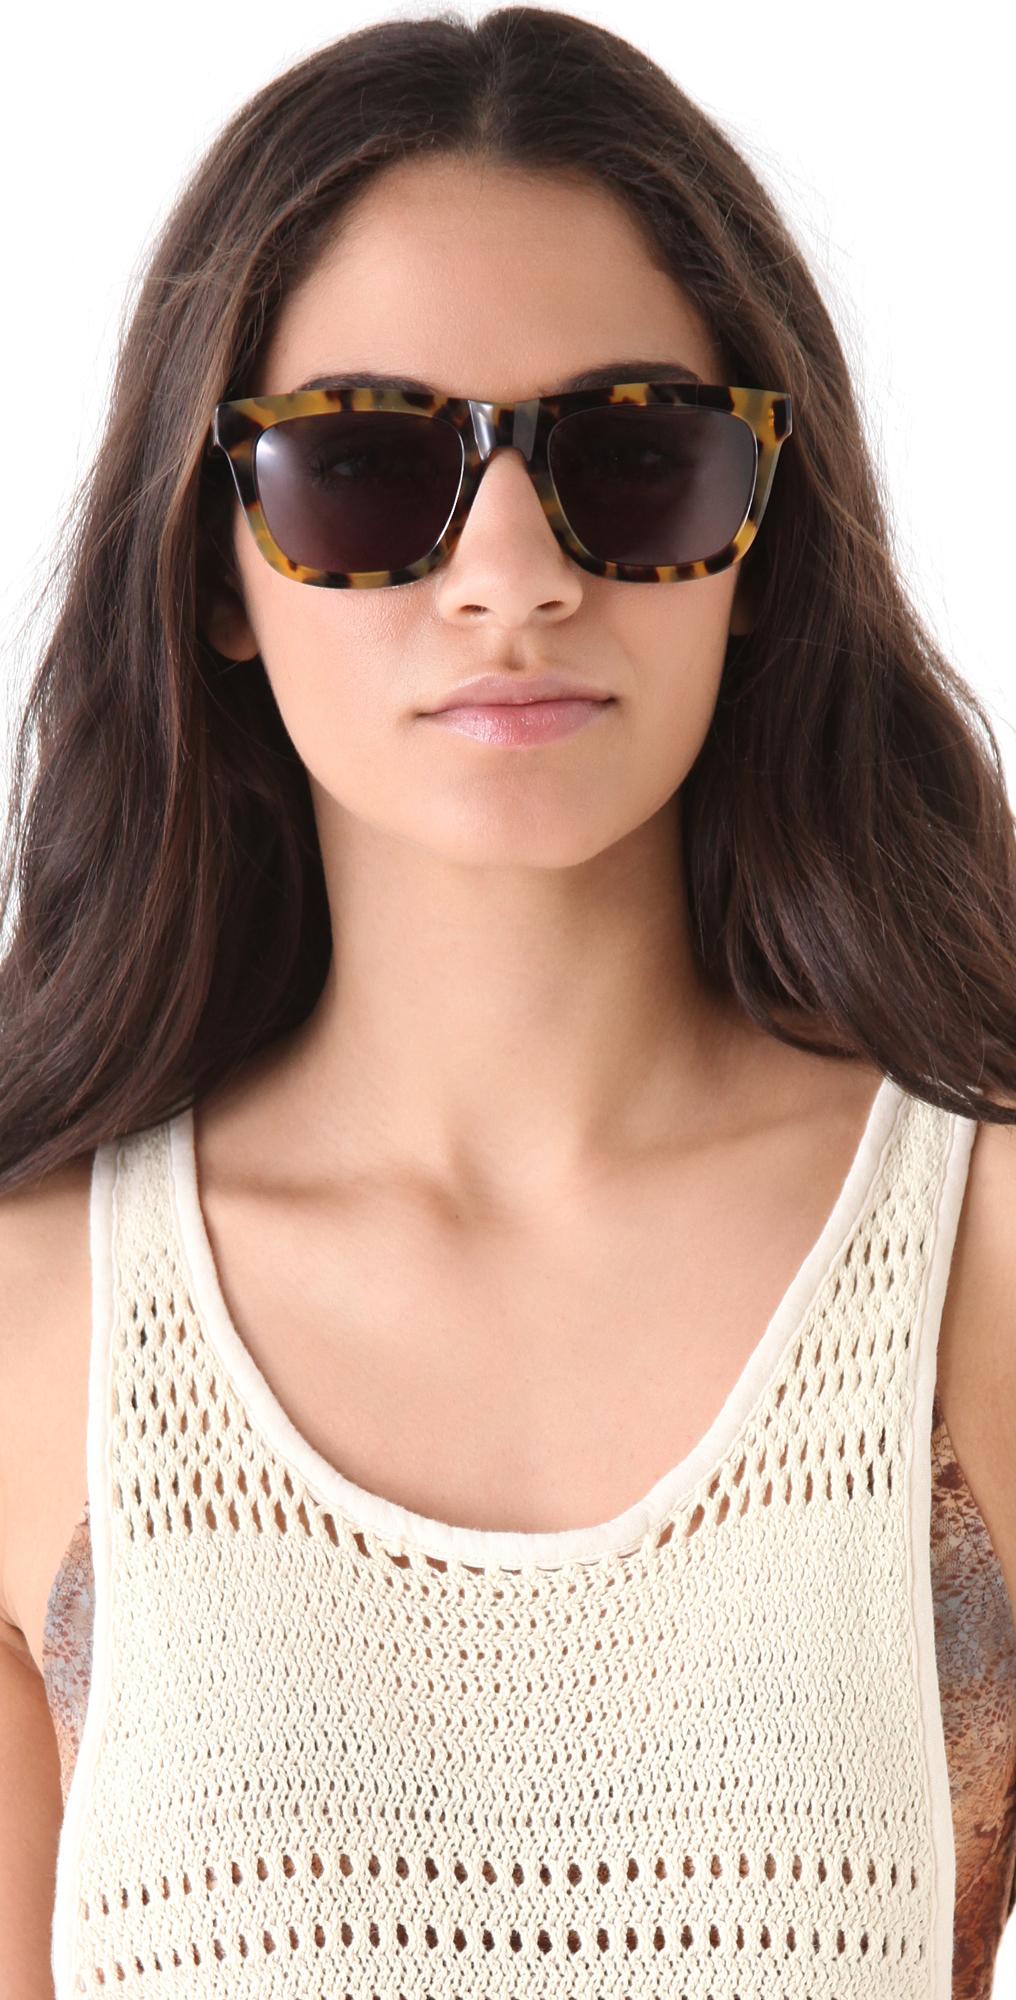 ad728e3db2 Karen Walker Deep Freeze Sunglasses in Brown - Lyst